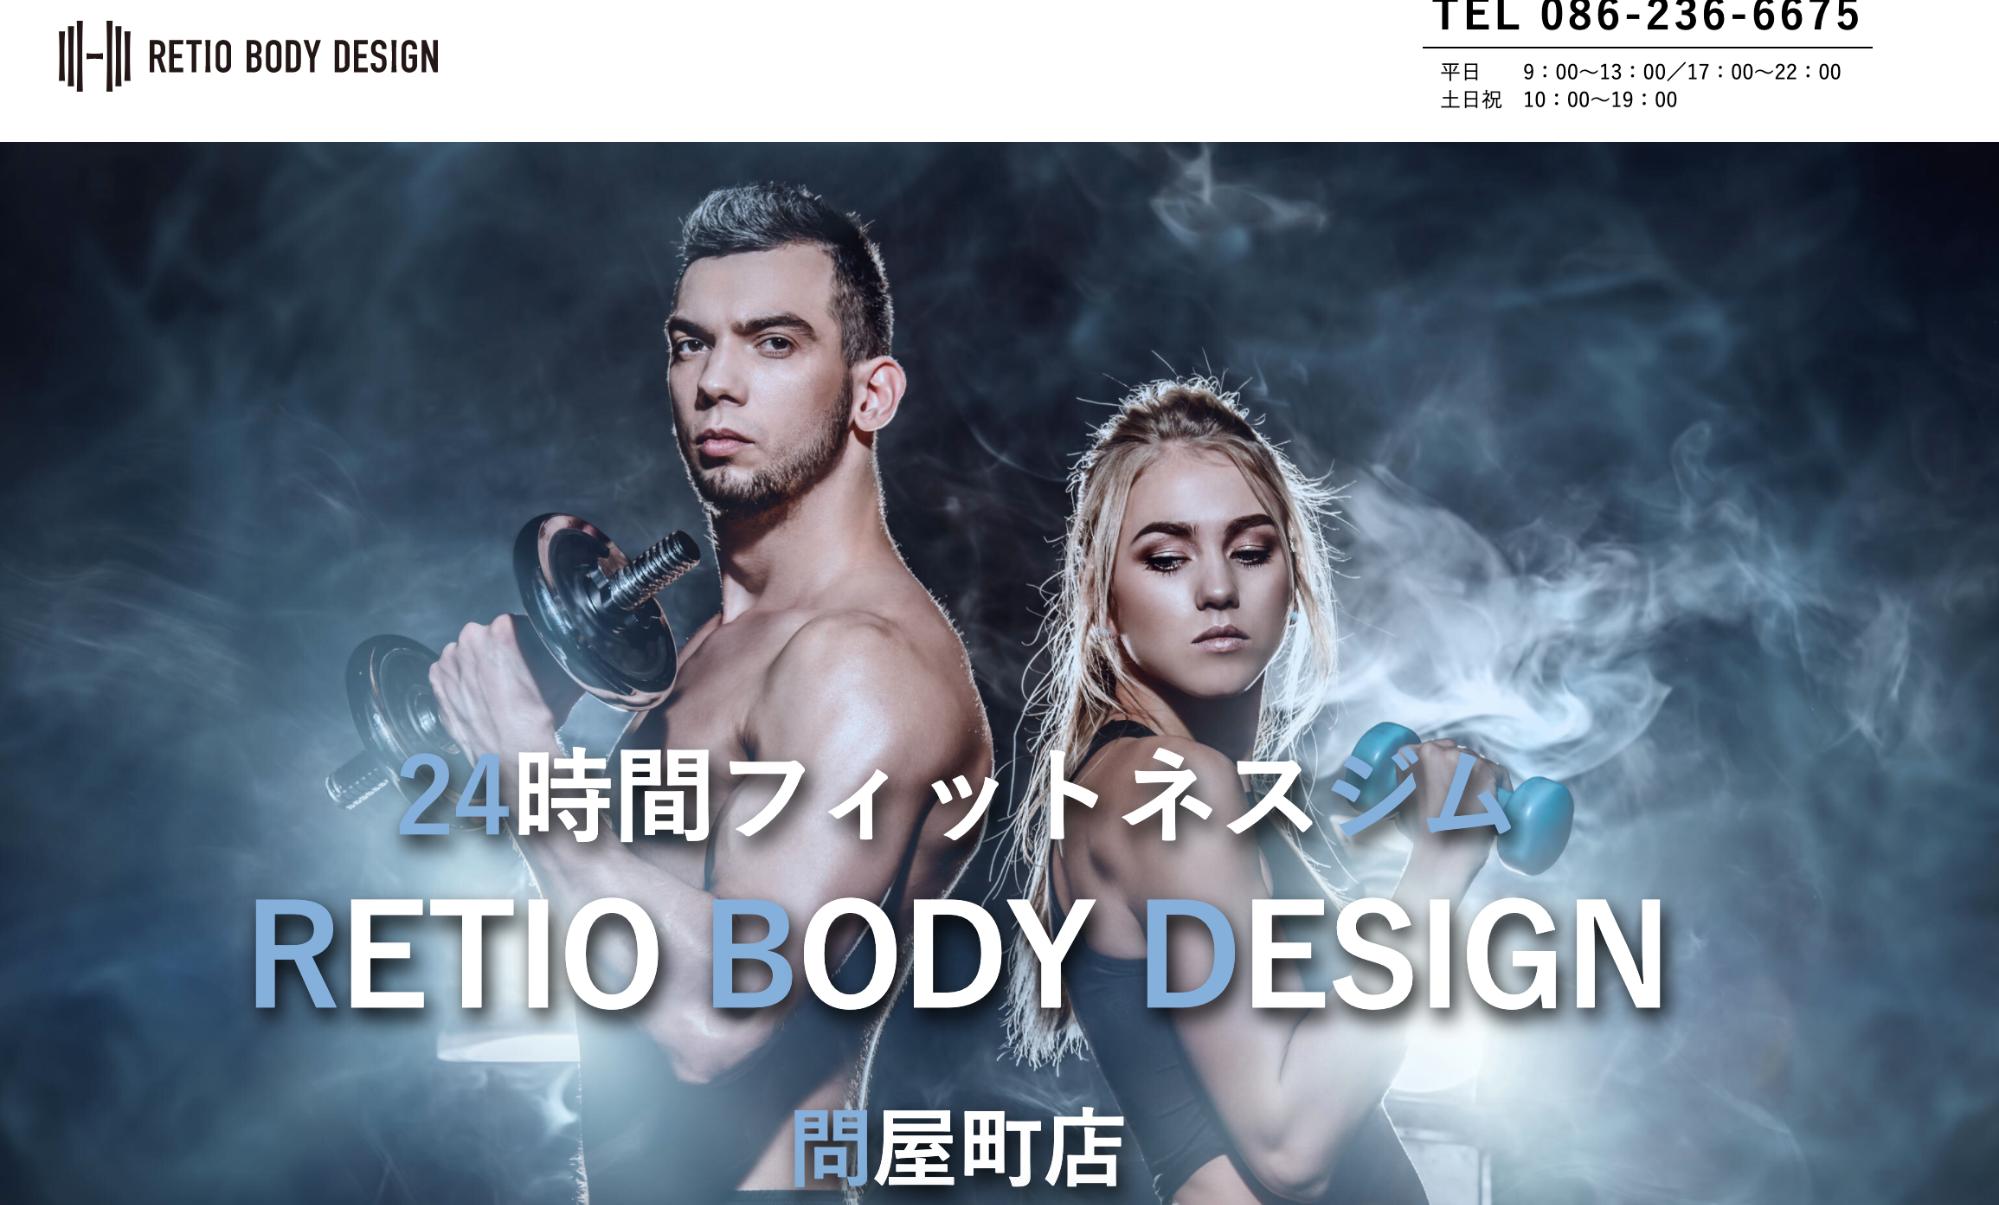 RETIO BODY DESIGN 岡山問屋町店